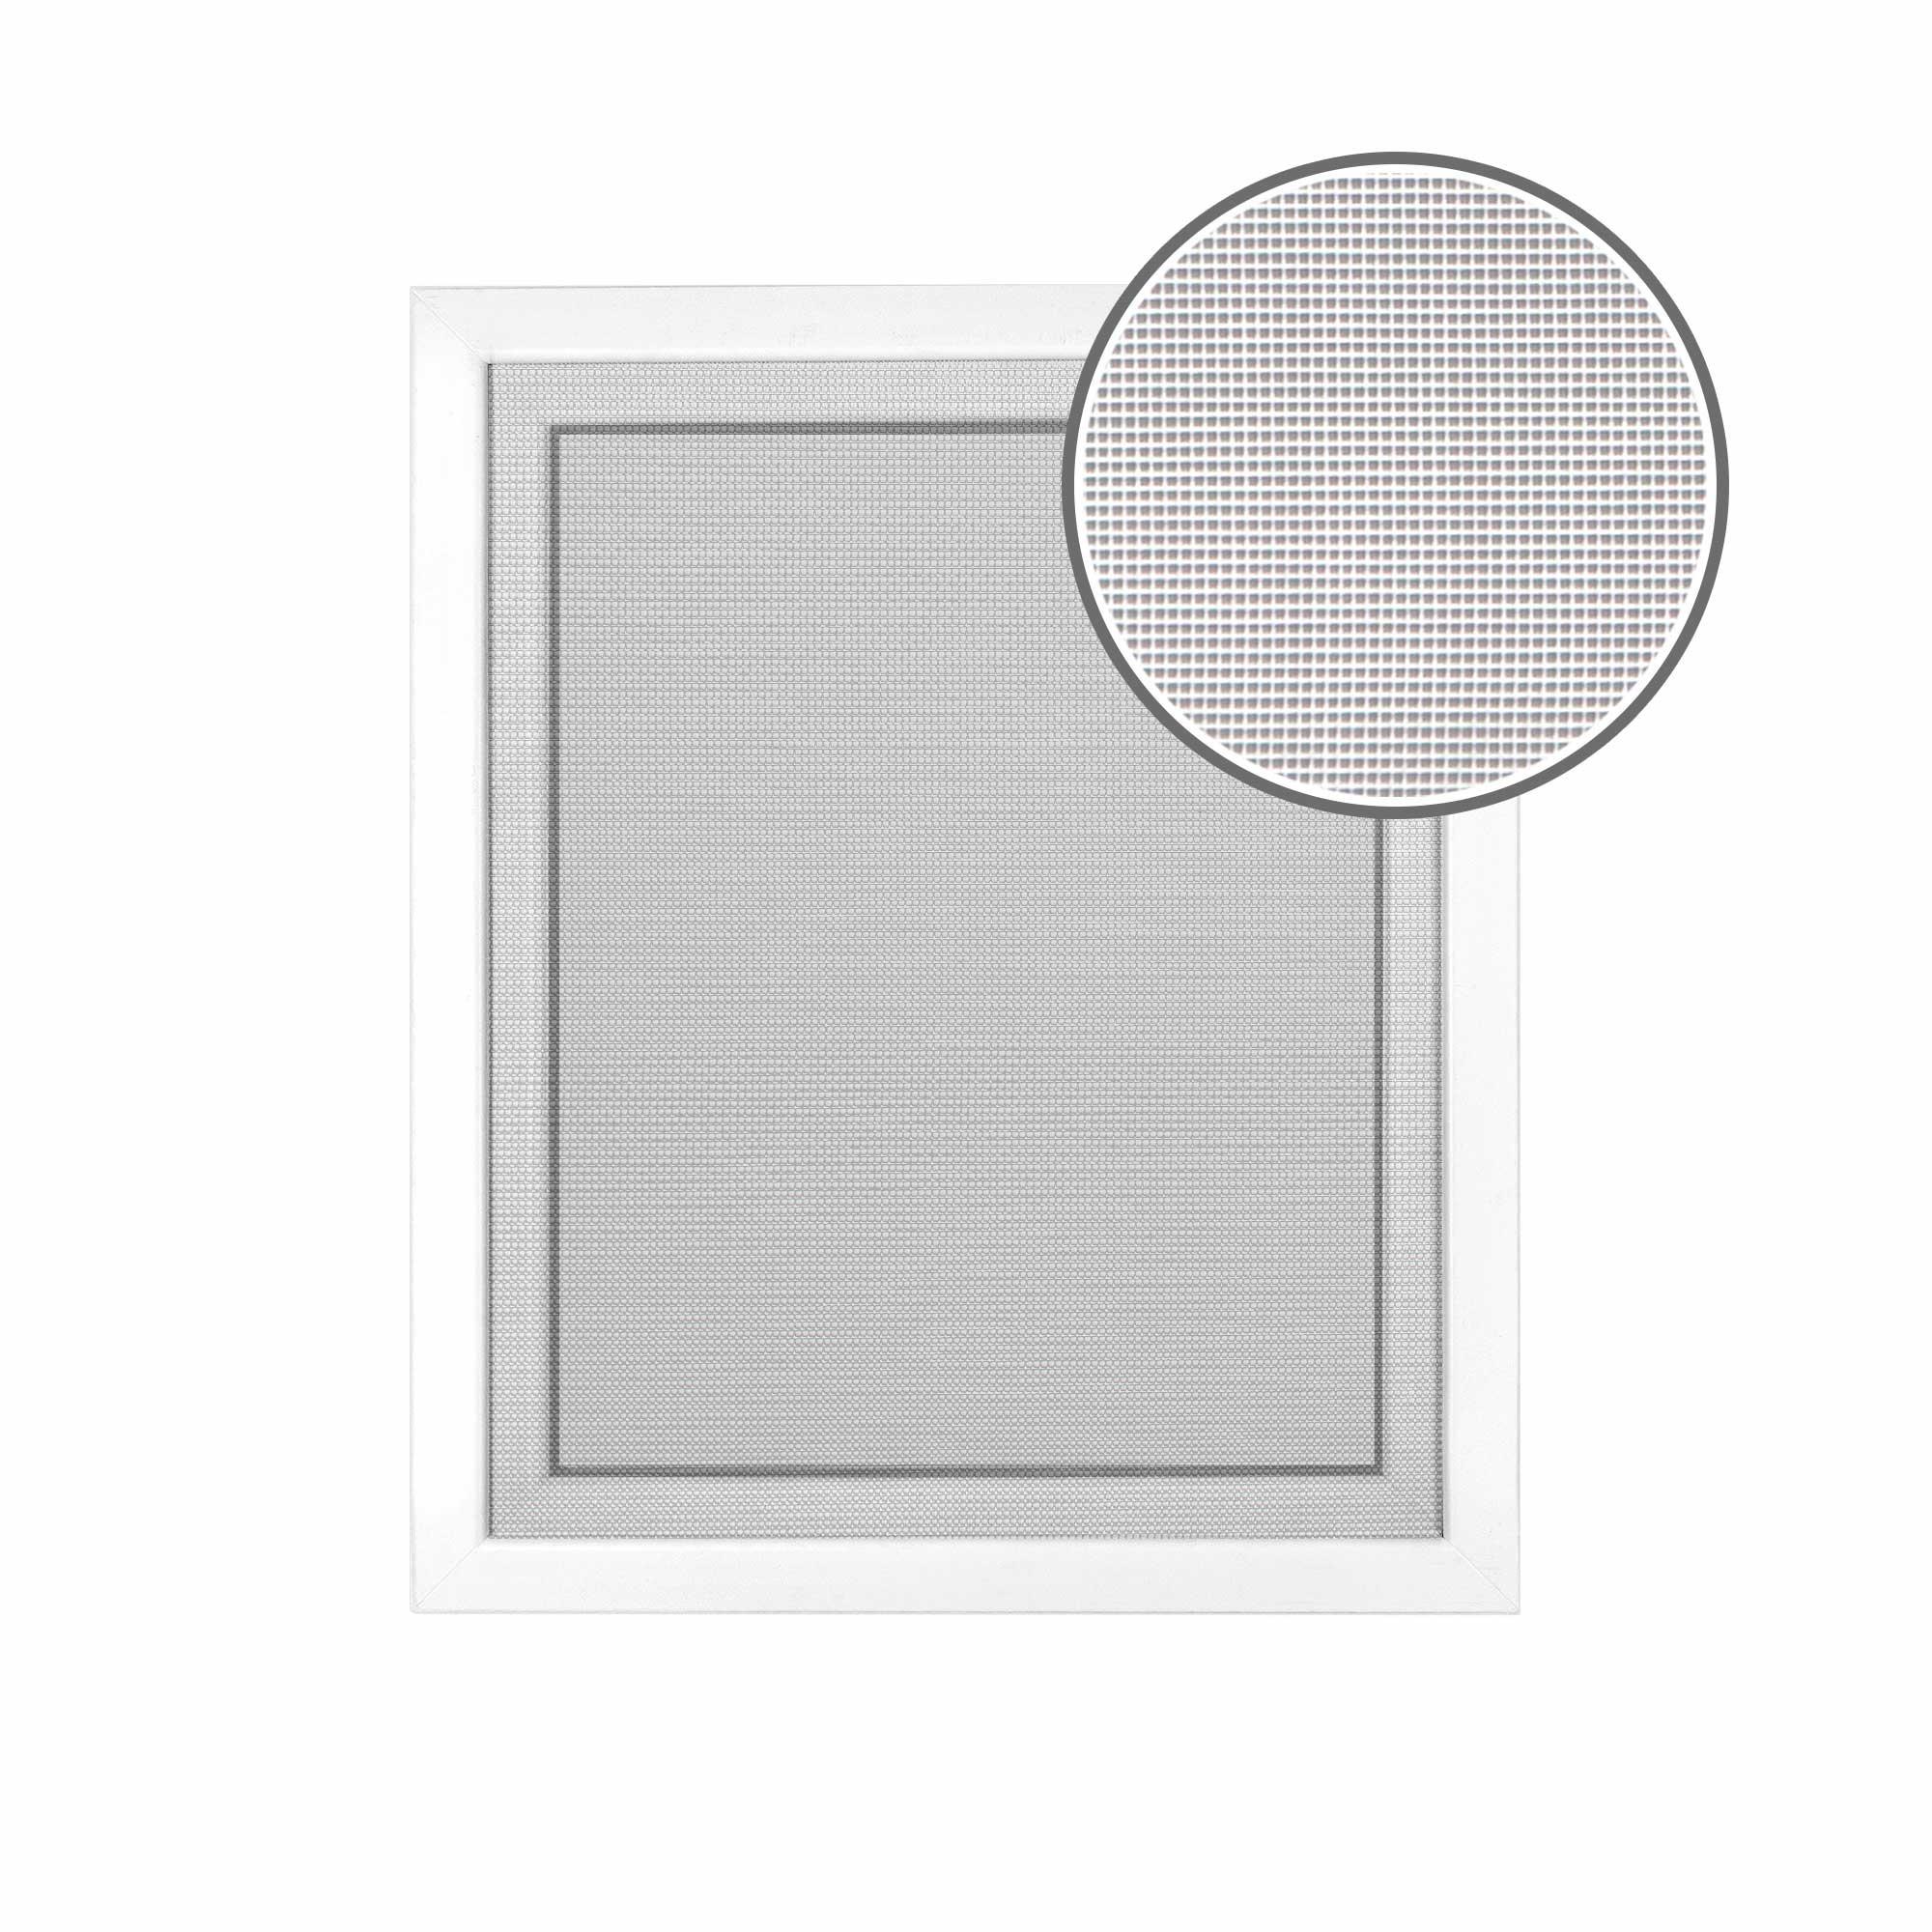 Moskitiera okienna - Siatka, Biały